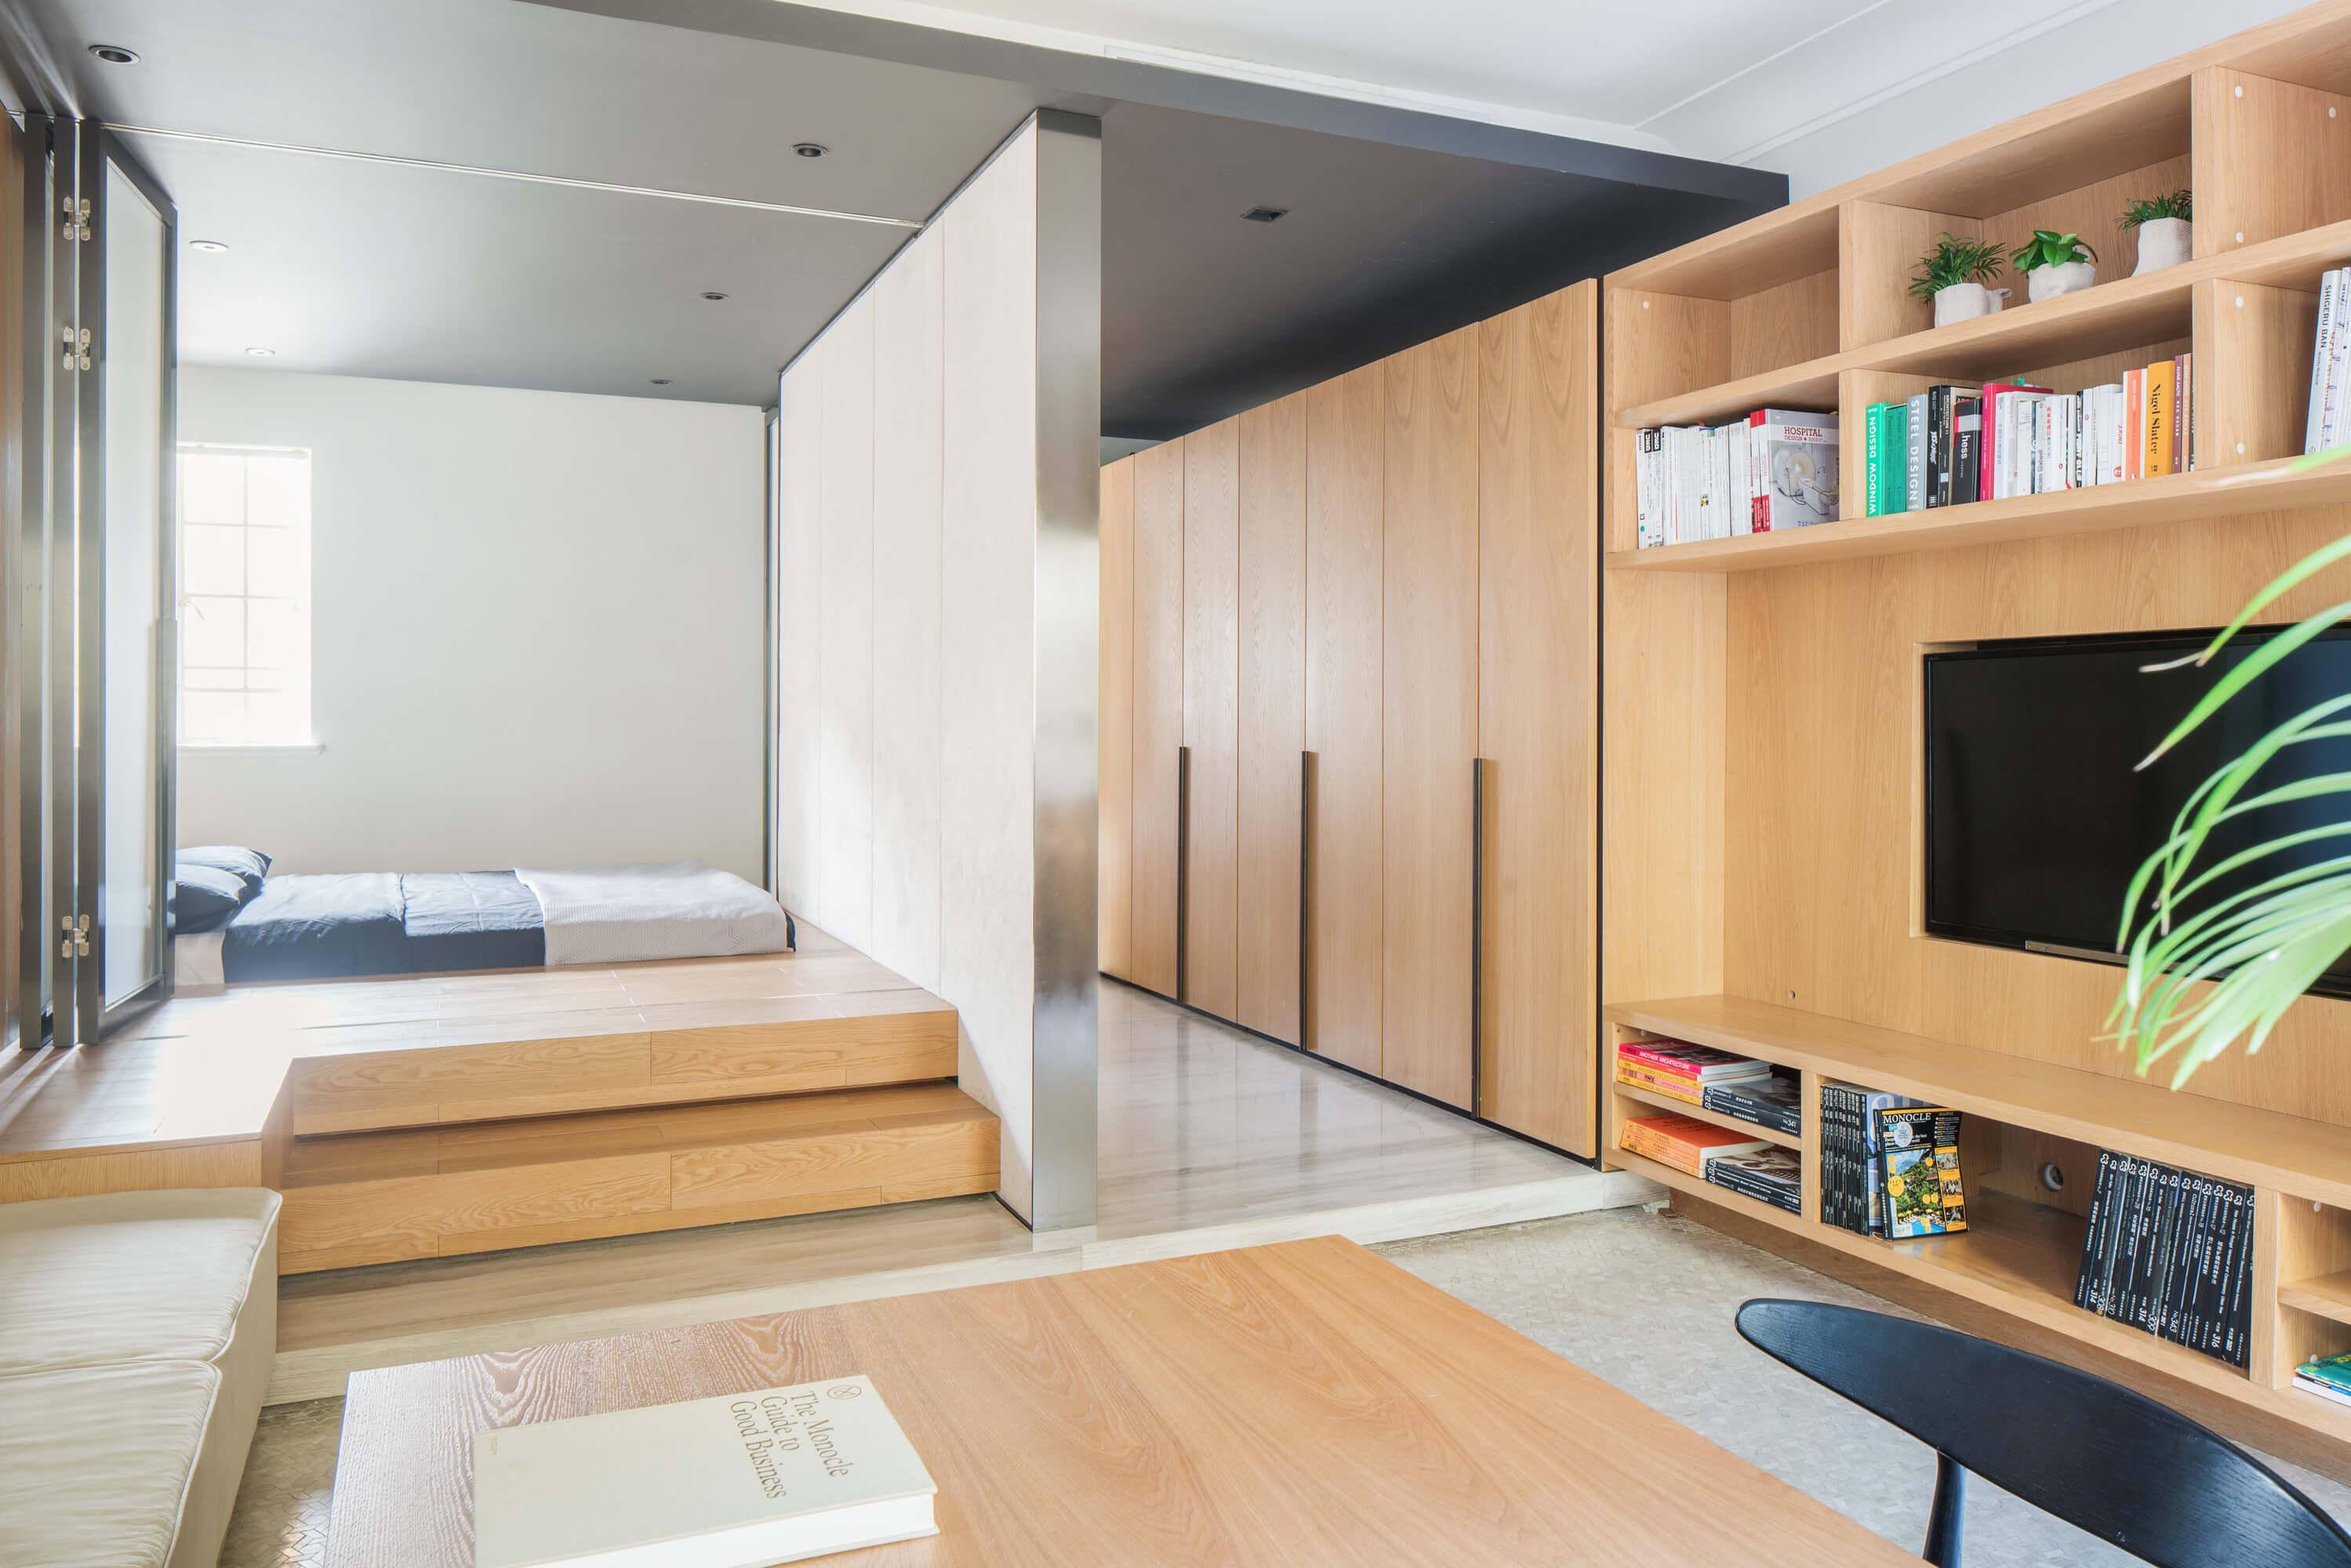 Фото как сделать маленькую квартиру большой